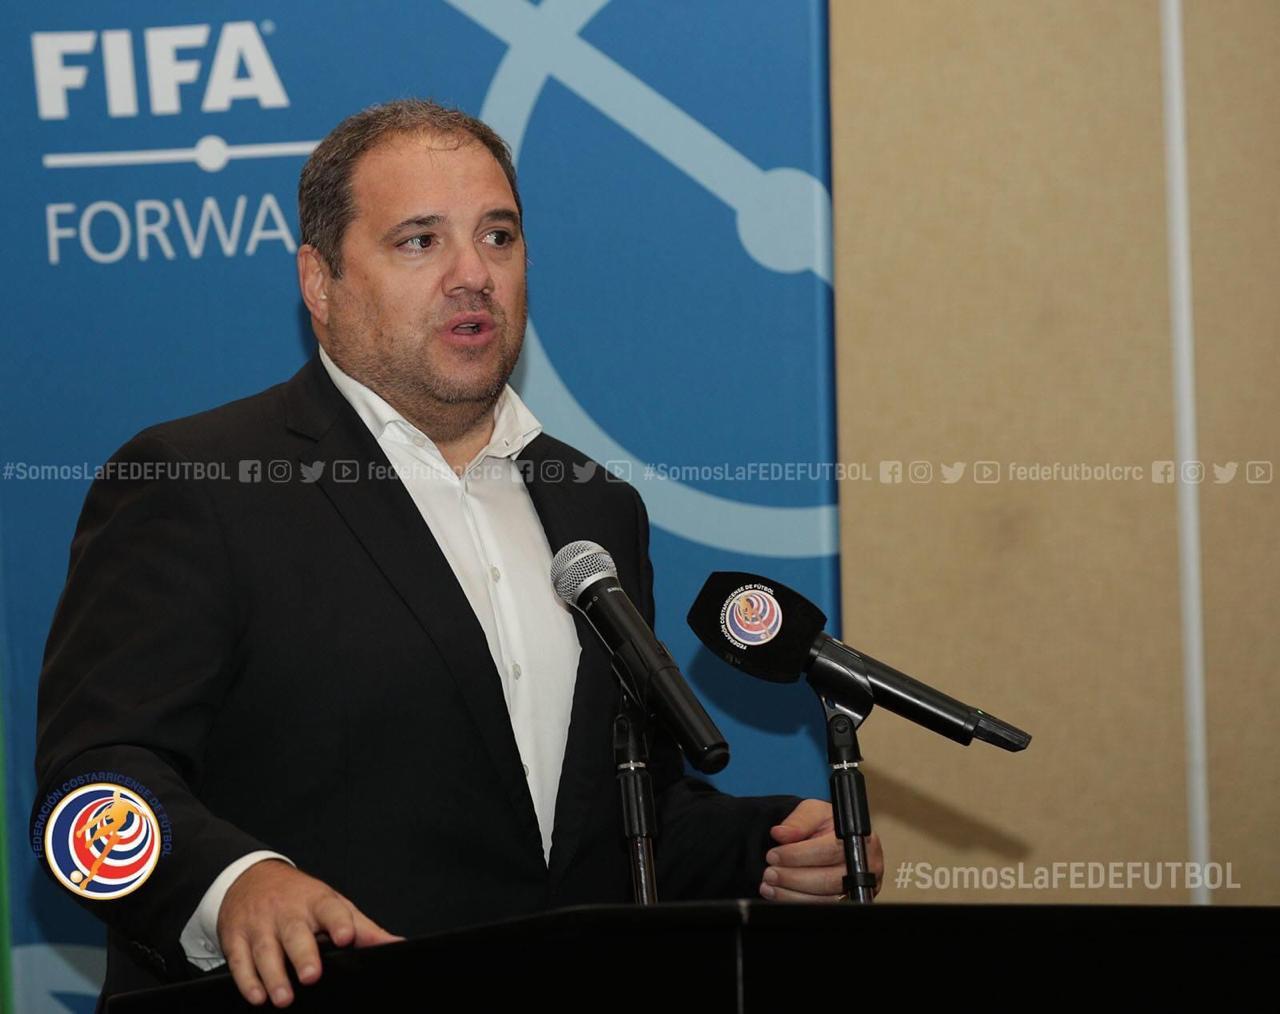 """Víctor Montagliani: """"Hay un gran respeto por Costa Rica en CONCACAF y FIFA"""""""